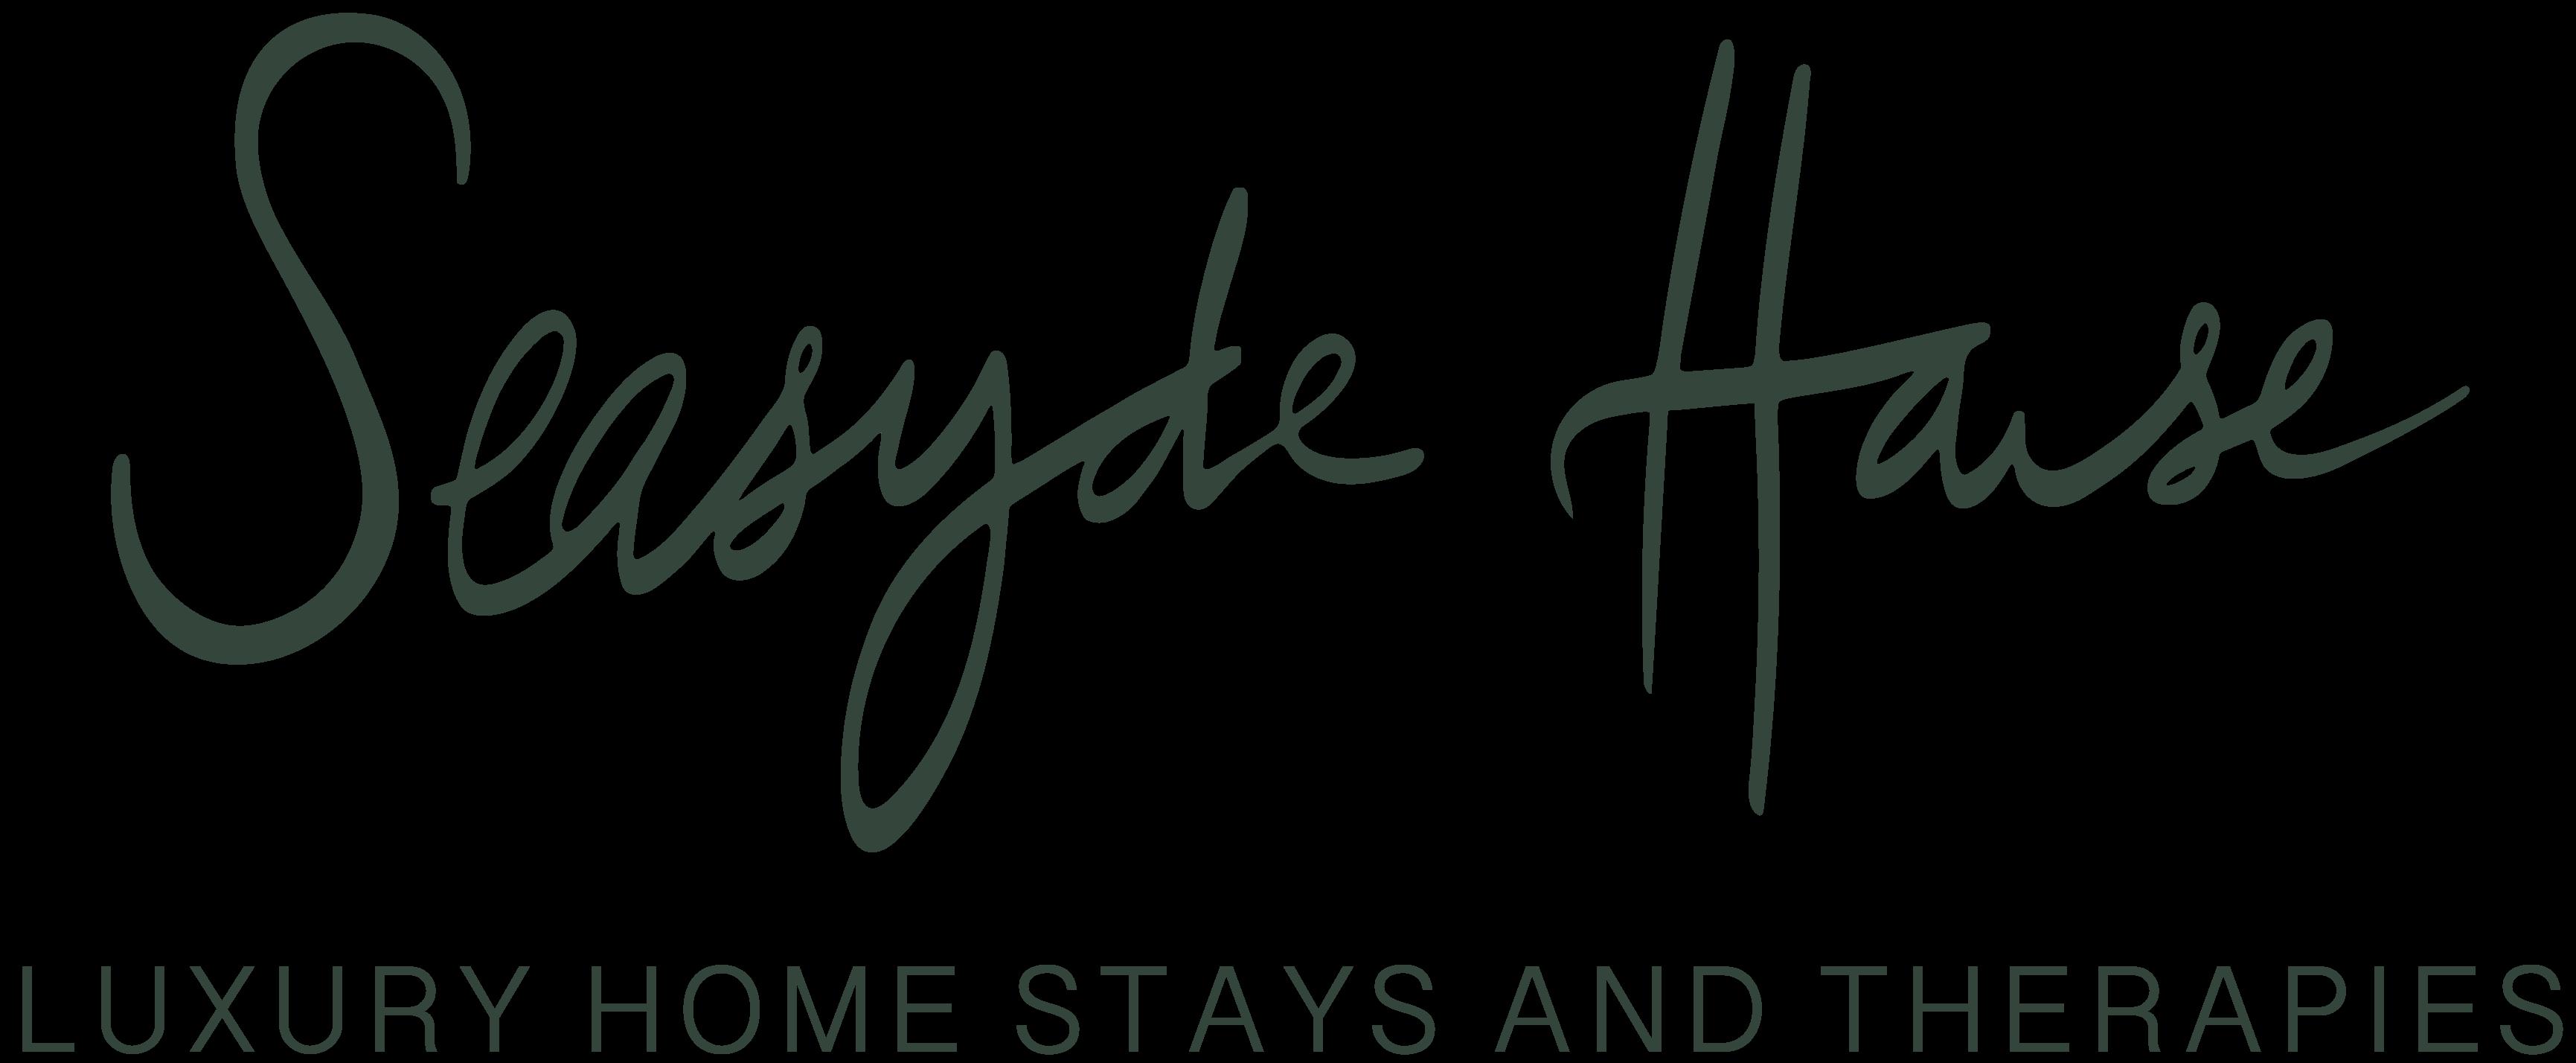 Seasyde House